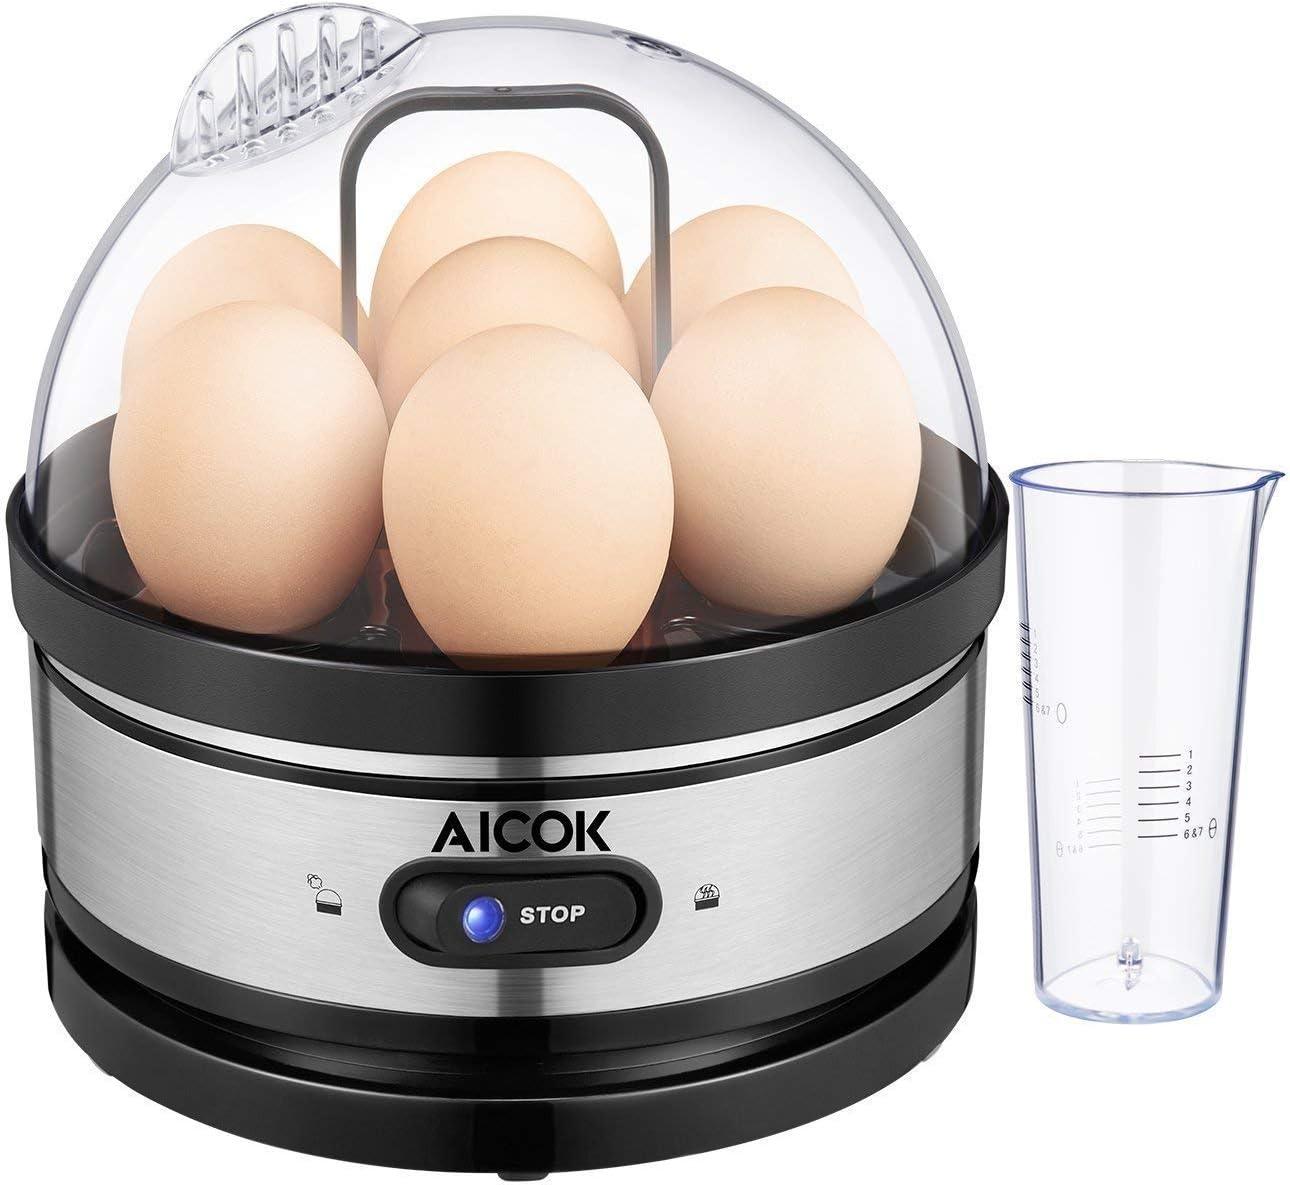 Aicok Cocedor de Huevos, Hervidor de Huevos Eléctrico con Capacidad para 1-7 Huevos Moderno, Cuece Huevos de Acero Inoxidable, Mantenimiento de ...